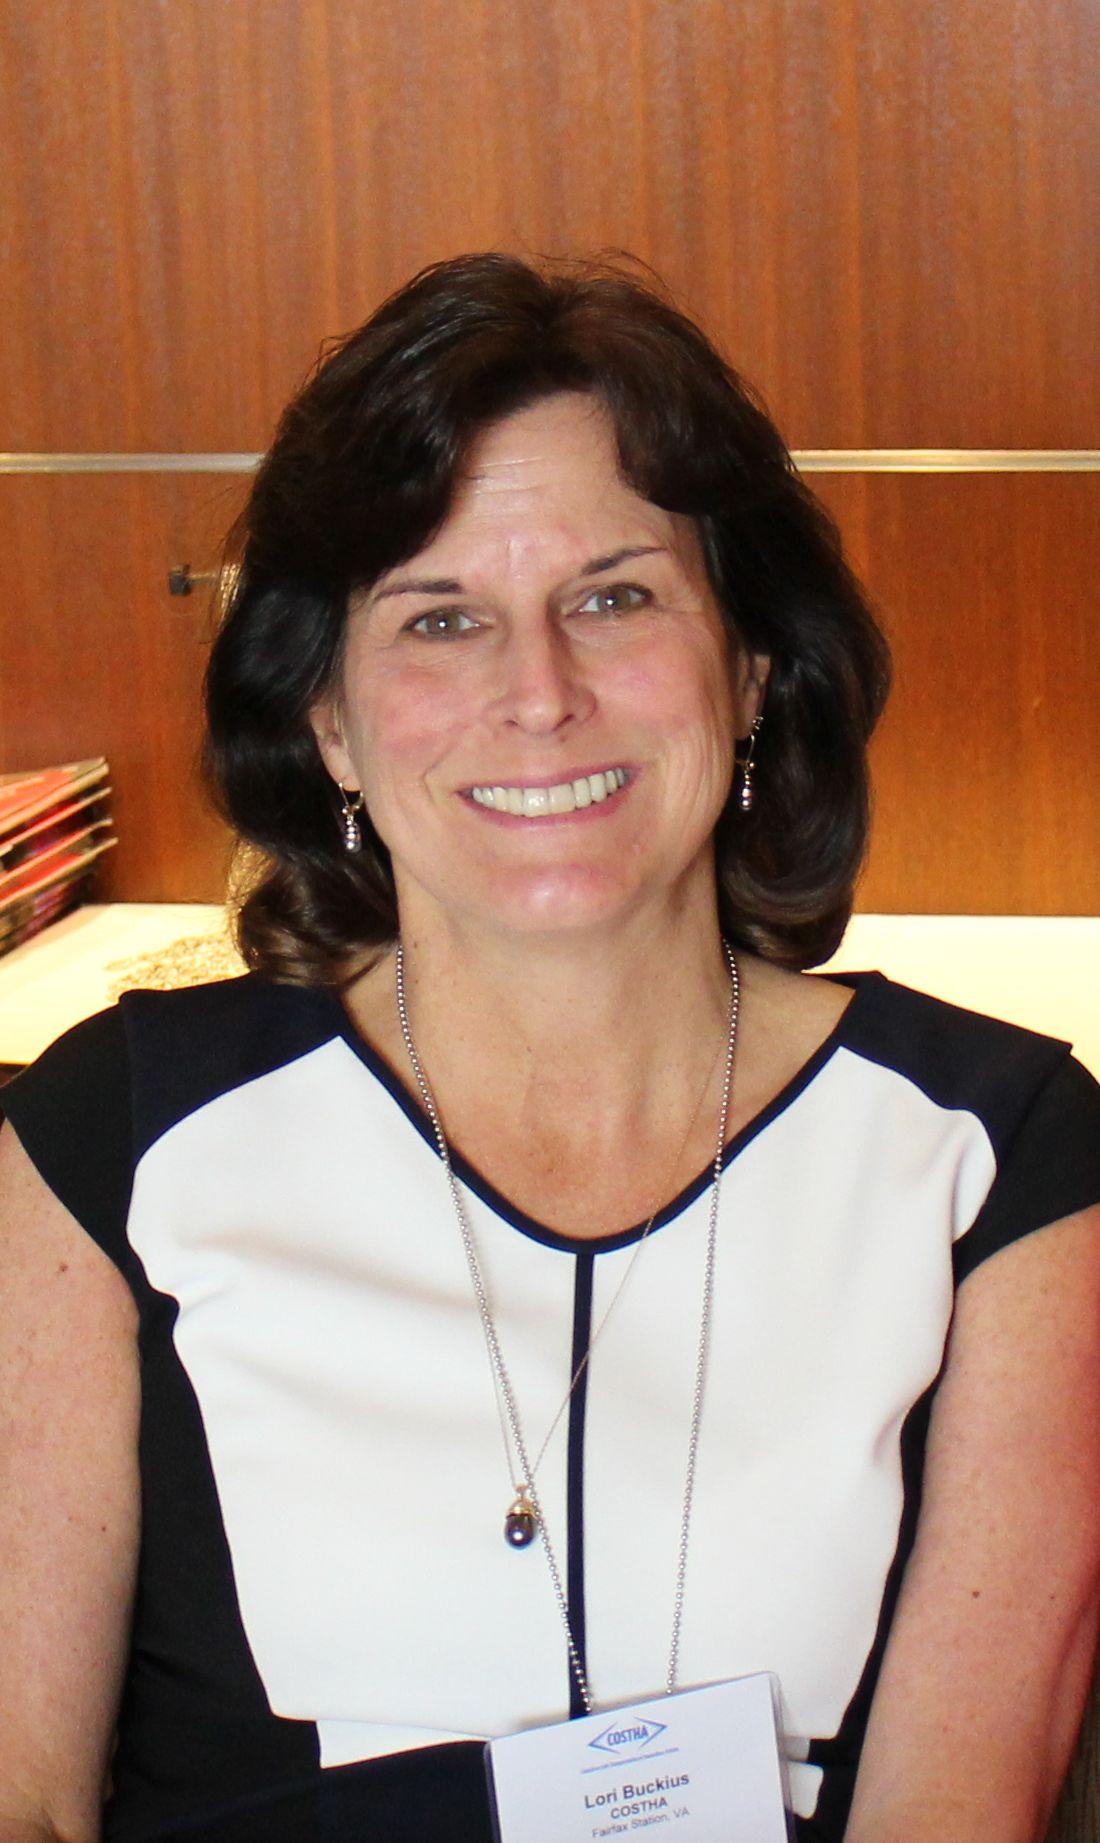 COSTHA Marketing Director Lori Buckius